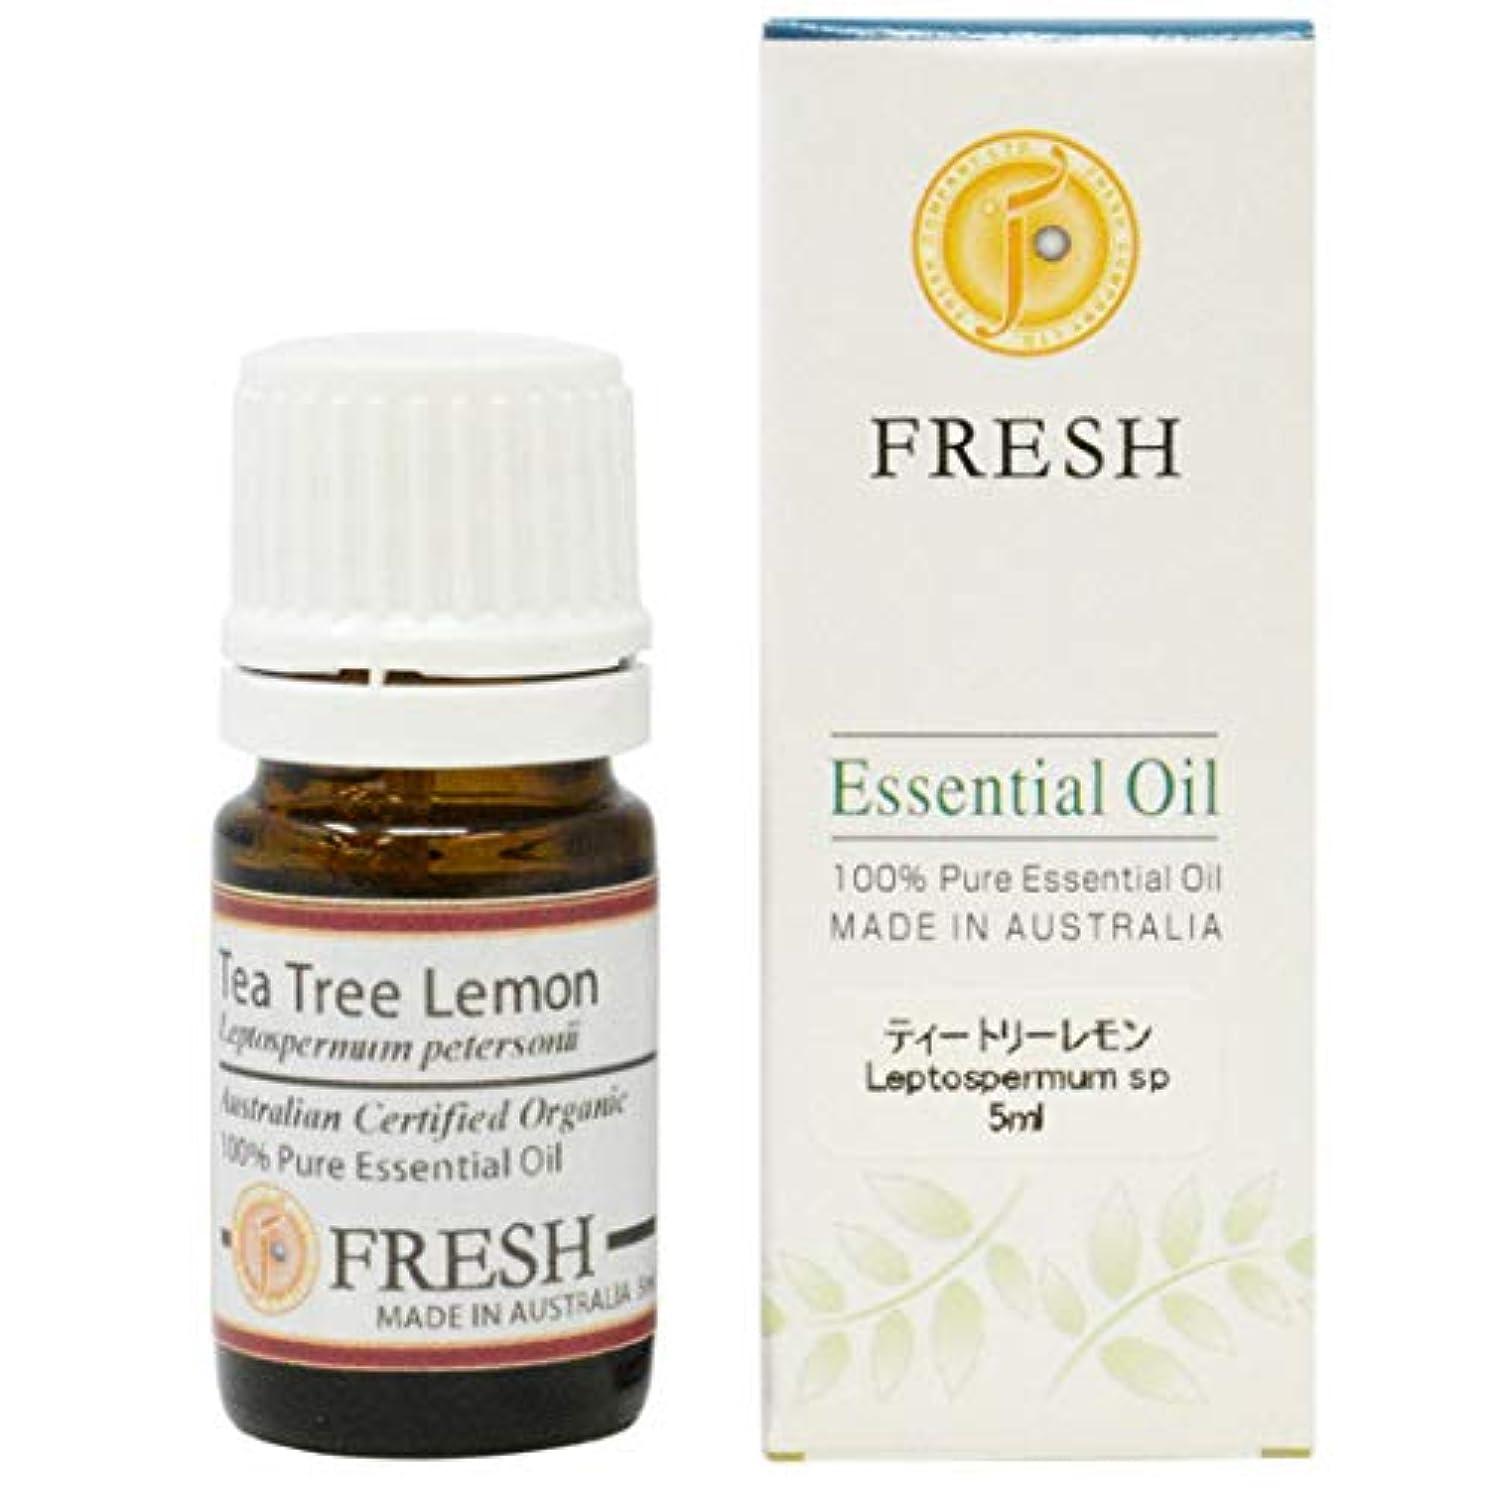 逆注文永久にFRESH オーガニック エッセンシャルオイル ティートリーレモン 5ml (FRESH 精油)